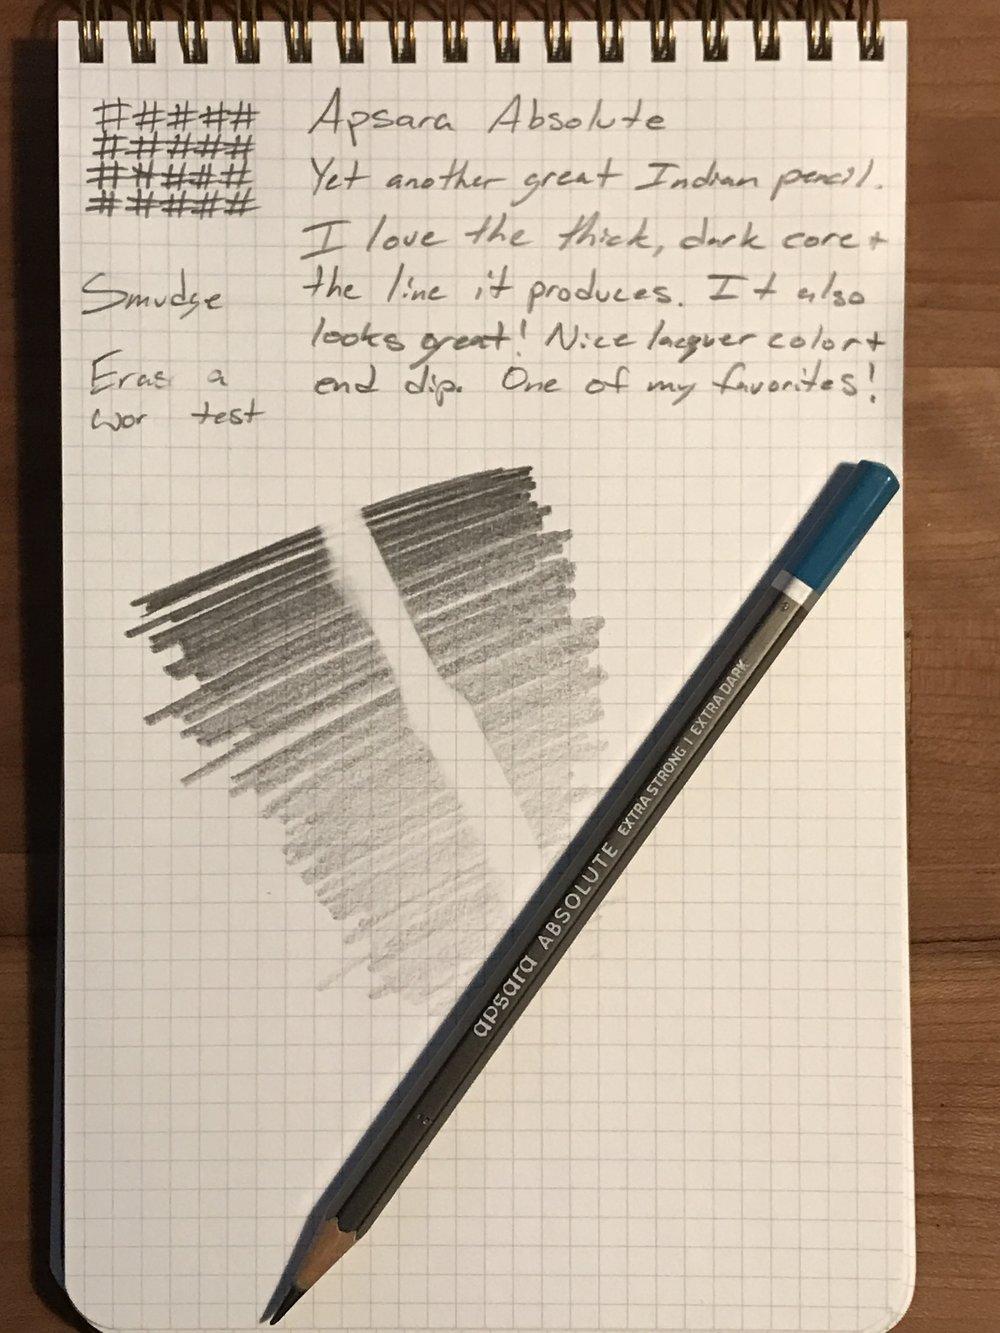 apsara-absolute-pencil-test.jpg